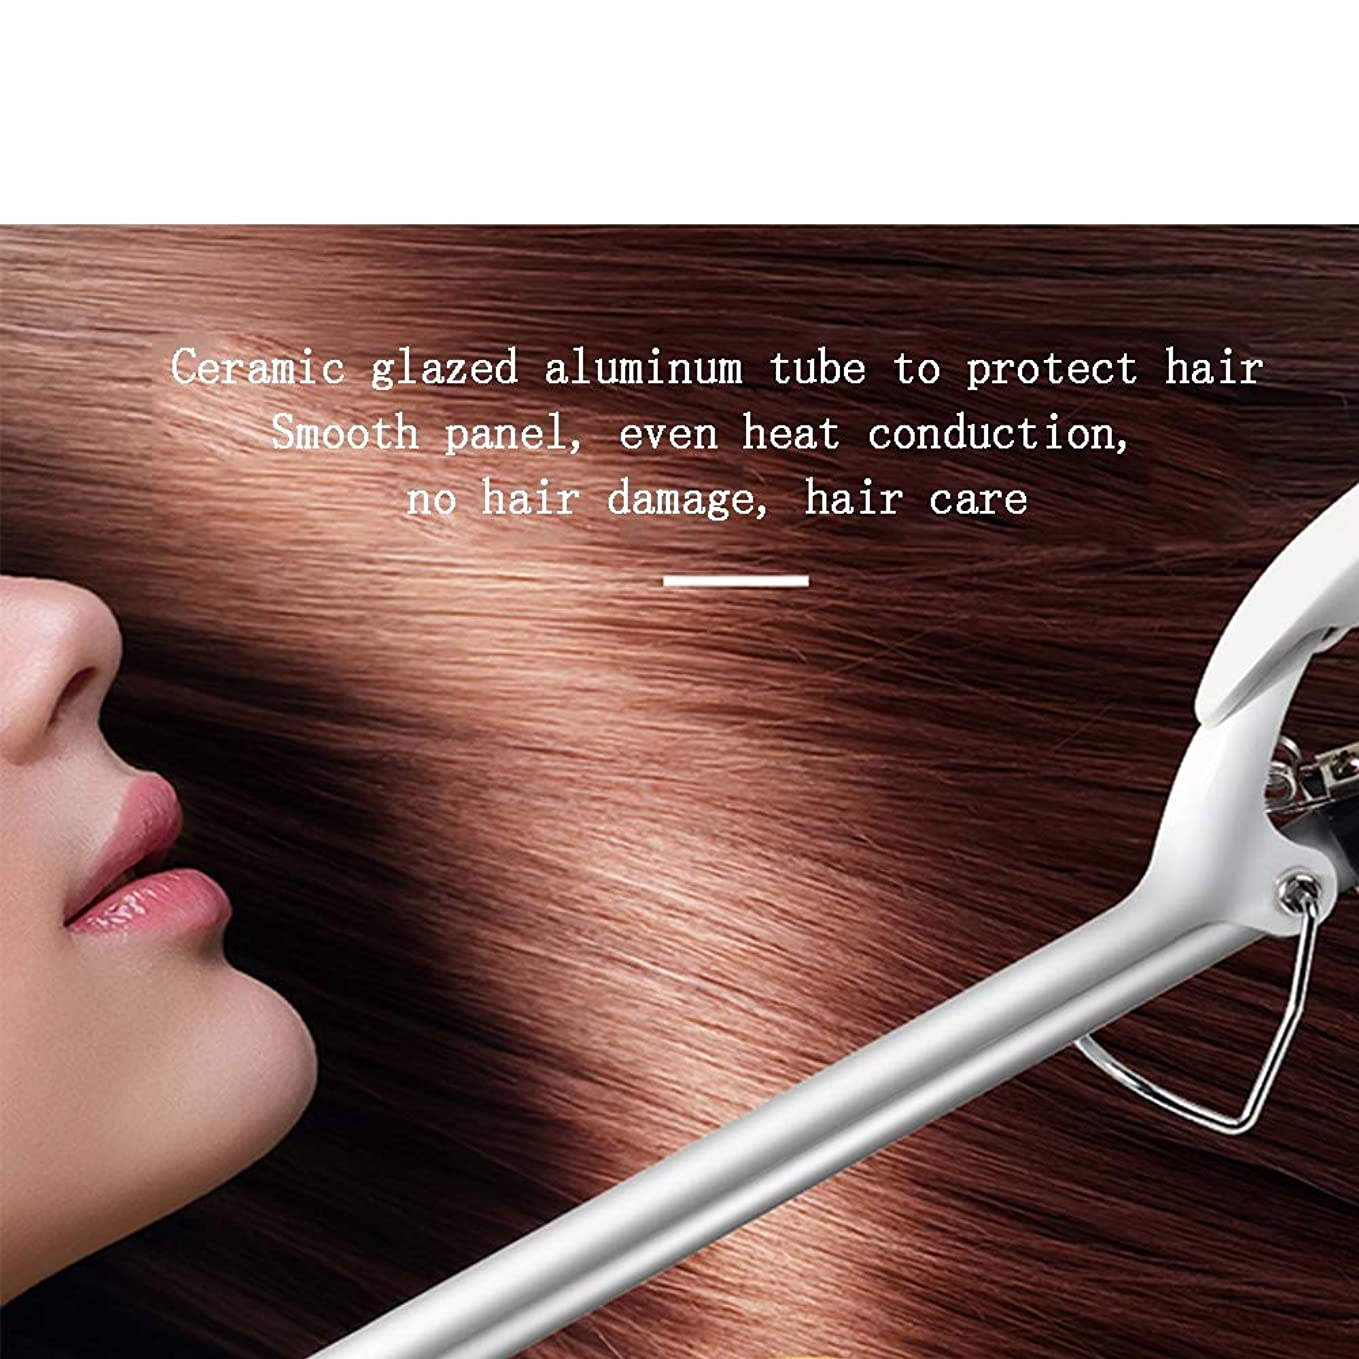 チート錫体操セラミック円錐形カーリングワンド、巻き毛真っ直ぐな髪一石二鳥ヘアアイロン、16mm白